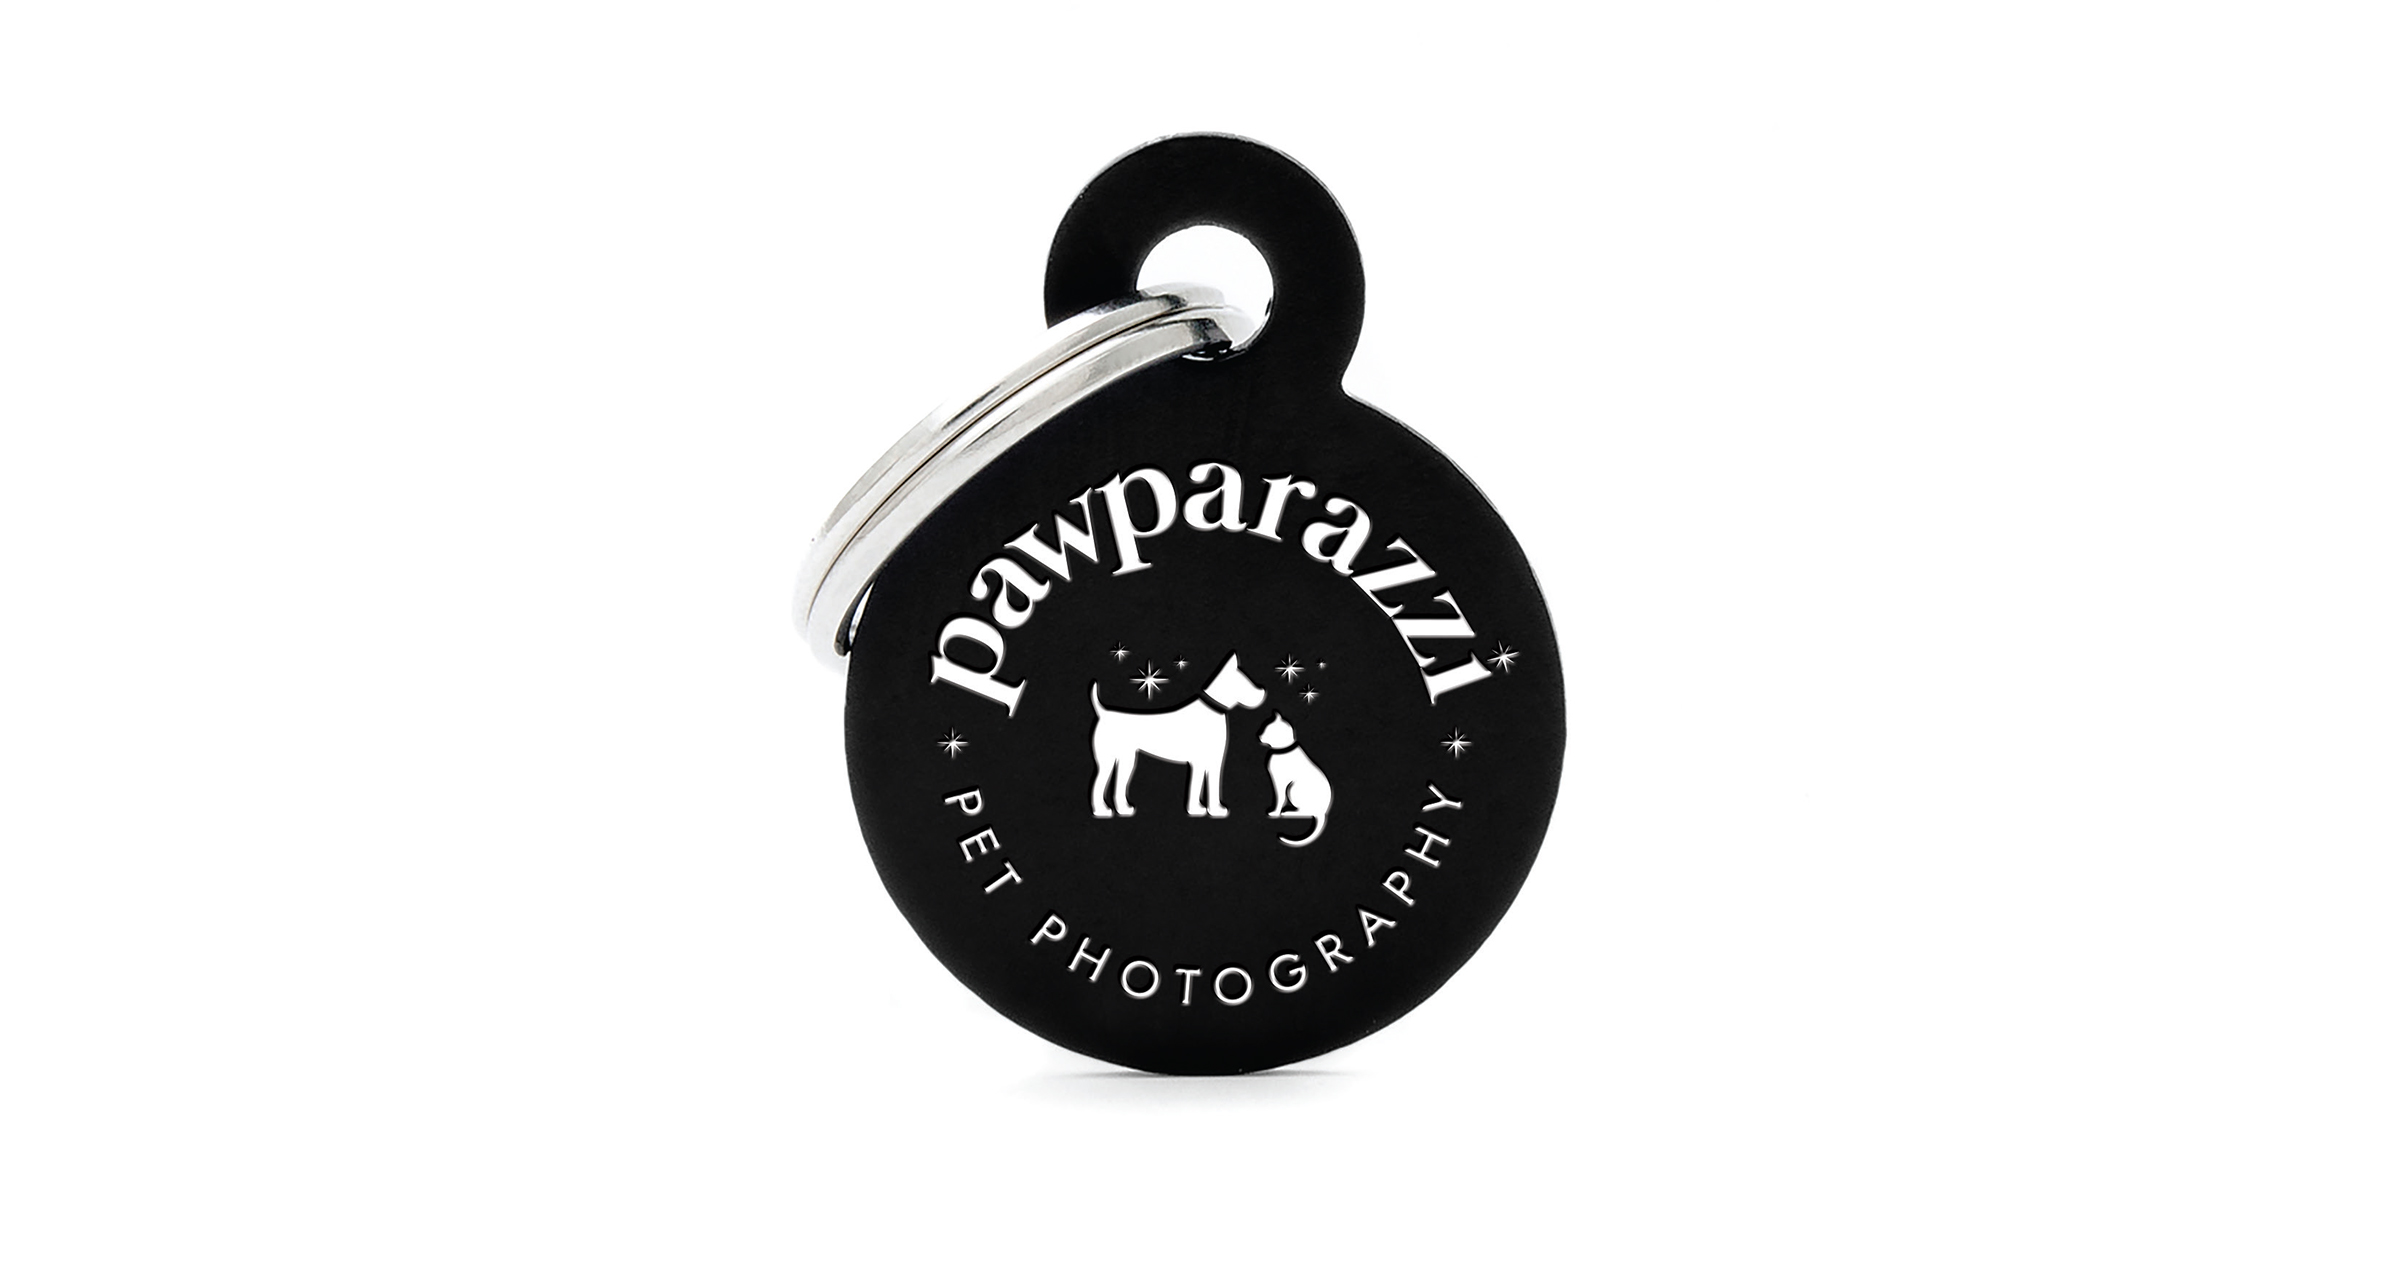 Pawparazzi Winnipeg Feminist Brands Website Design Feminist Entrepreneurs Brand Presentation Branded Product Client Gift